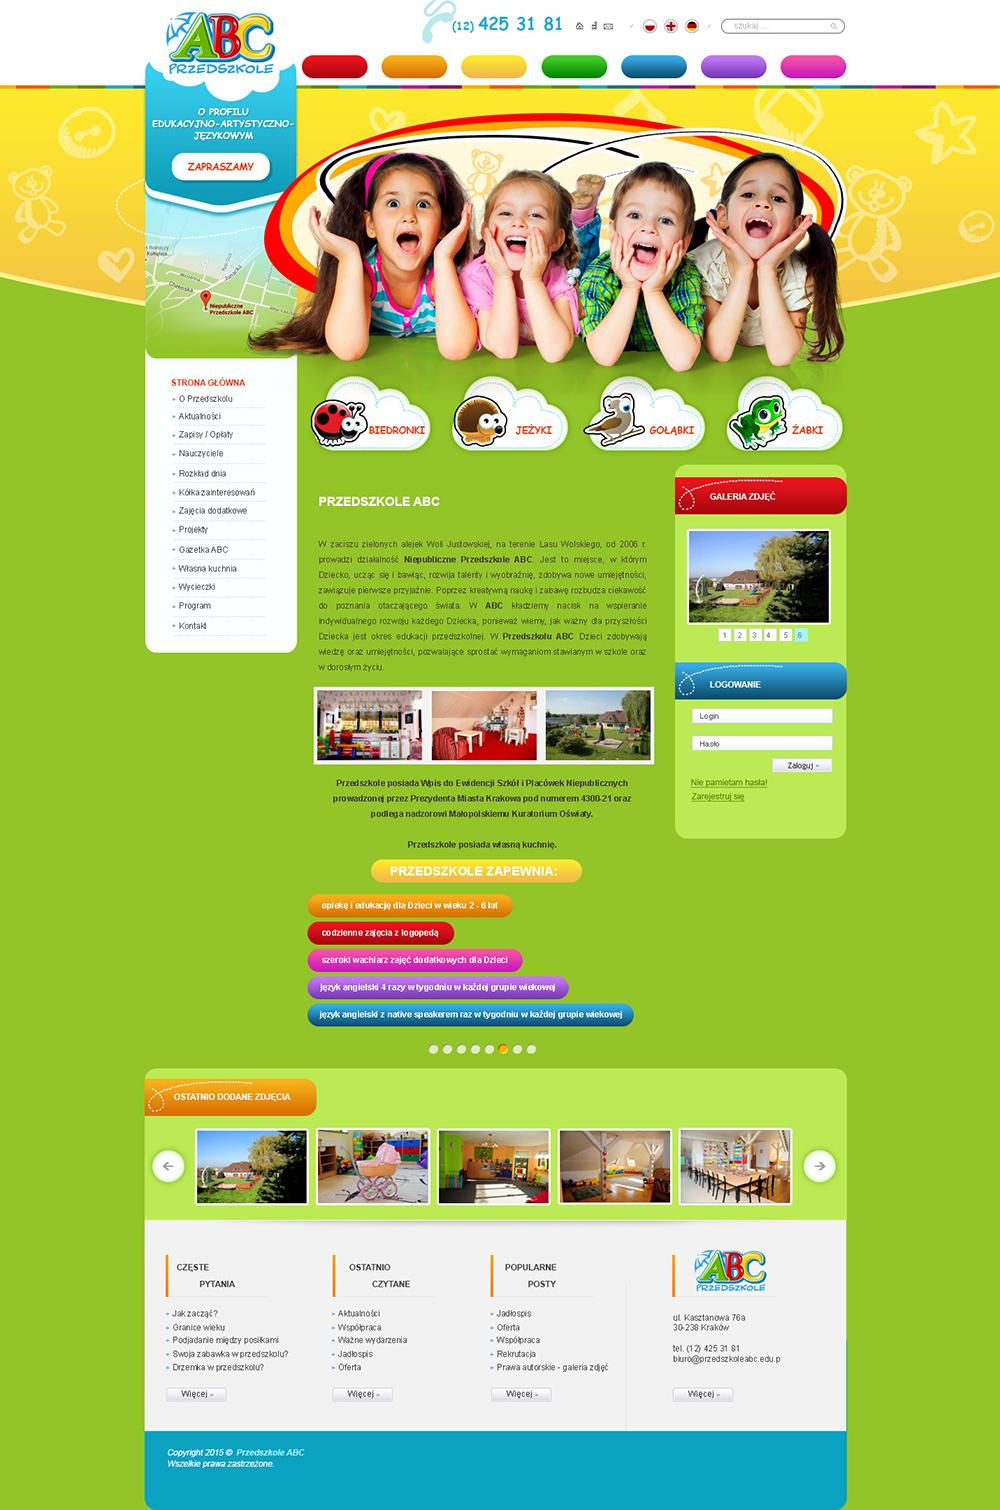 rostar - strony sklepy internetowe - przedszkole abc